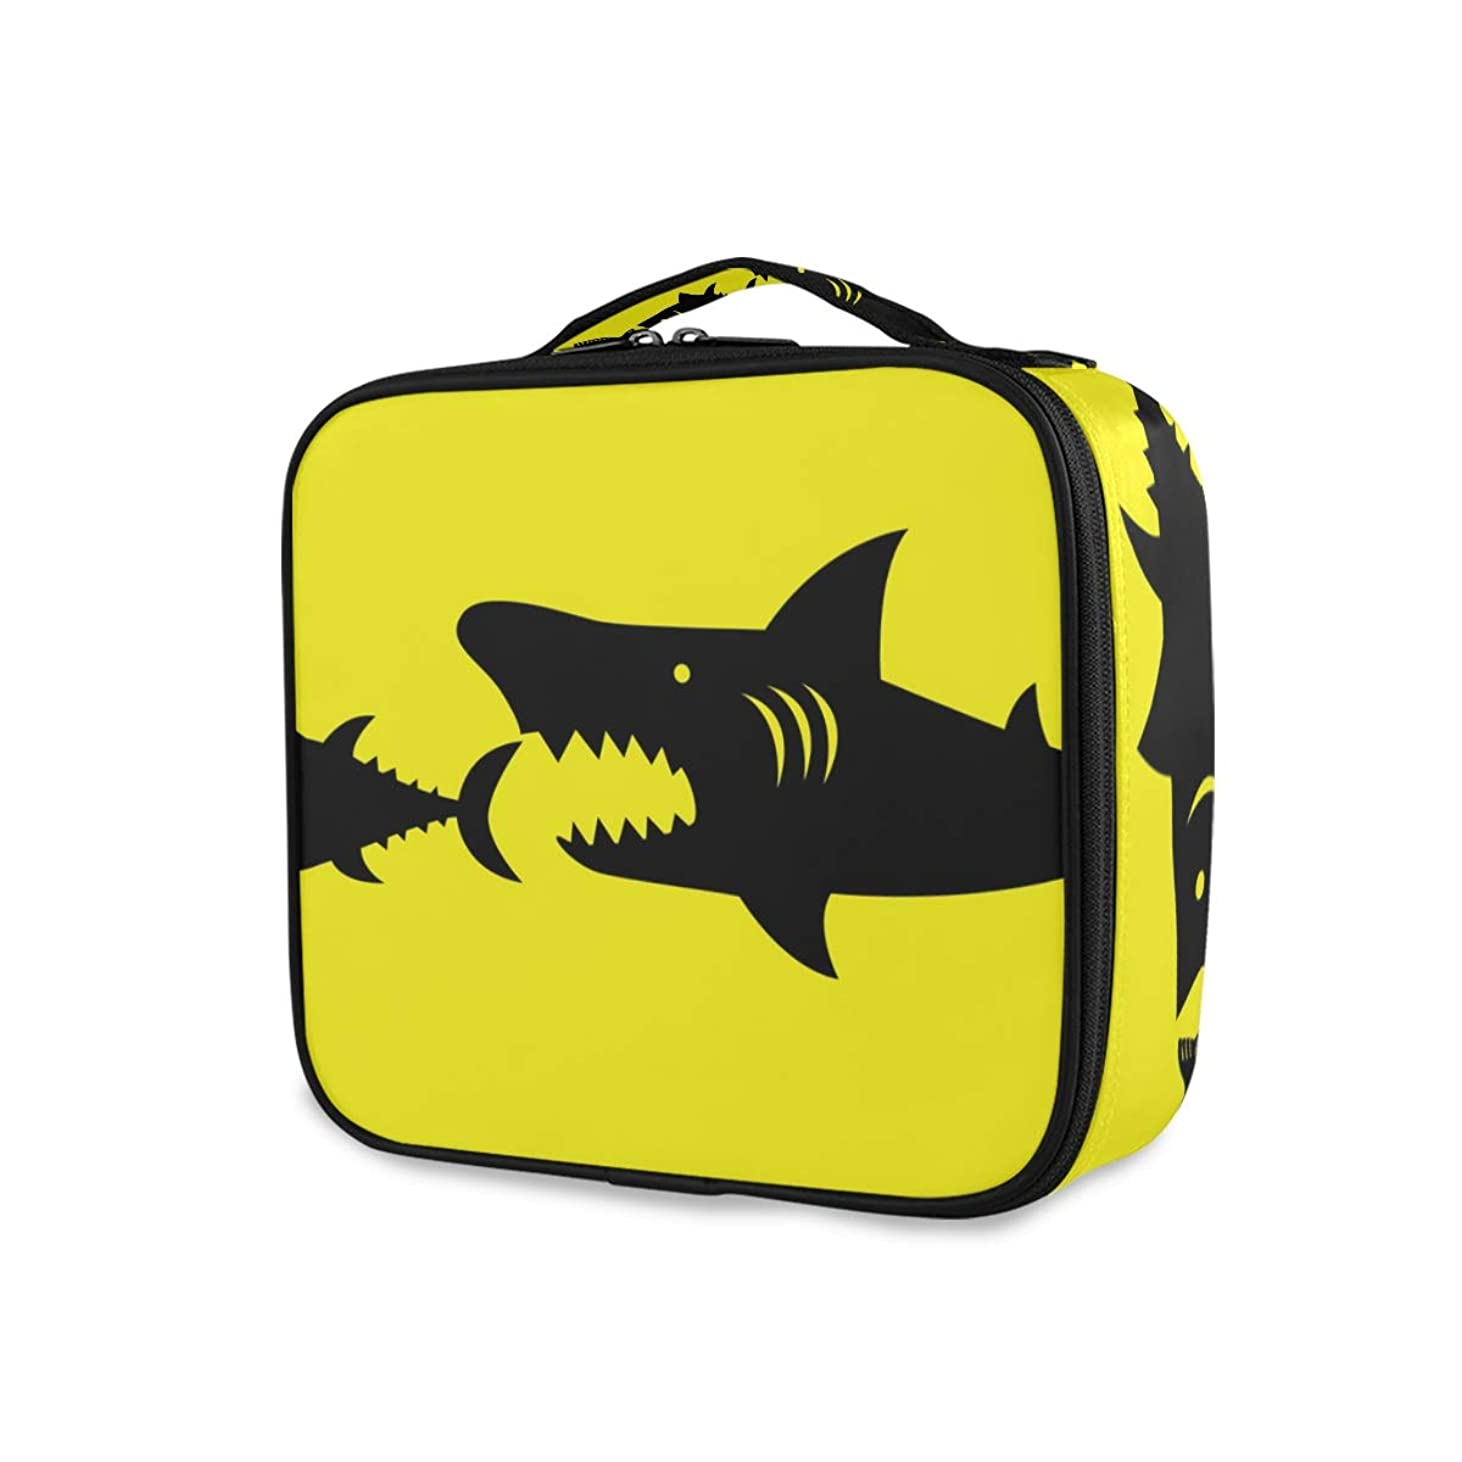 傾向不足仲間メイクボックス 魚柄 食べる 強い 大容量 収納 仕切り付き 収納ケース 機能性 小物入れ 旅行 通勤 化粧道具 高品質 メイク収納 整理 持ち運び